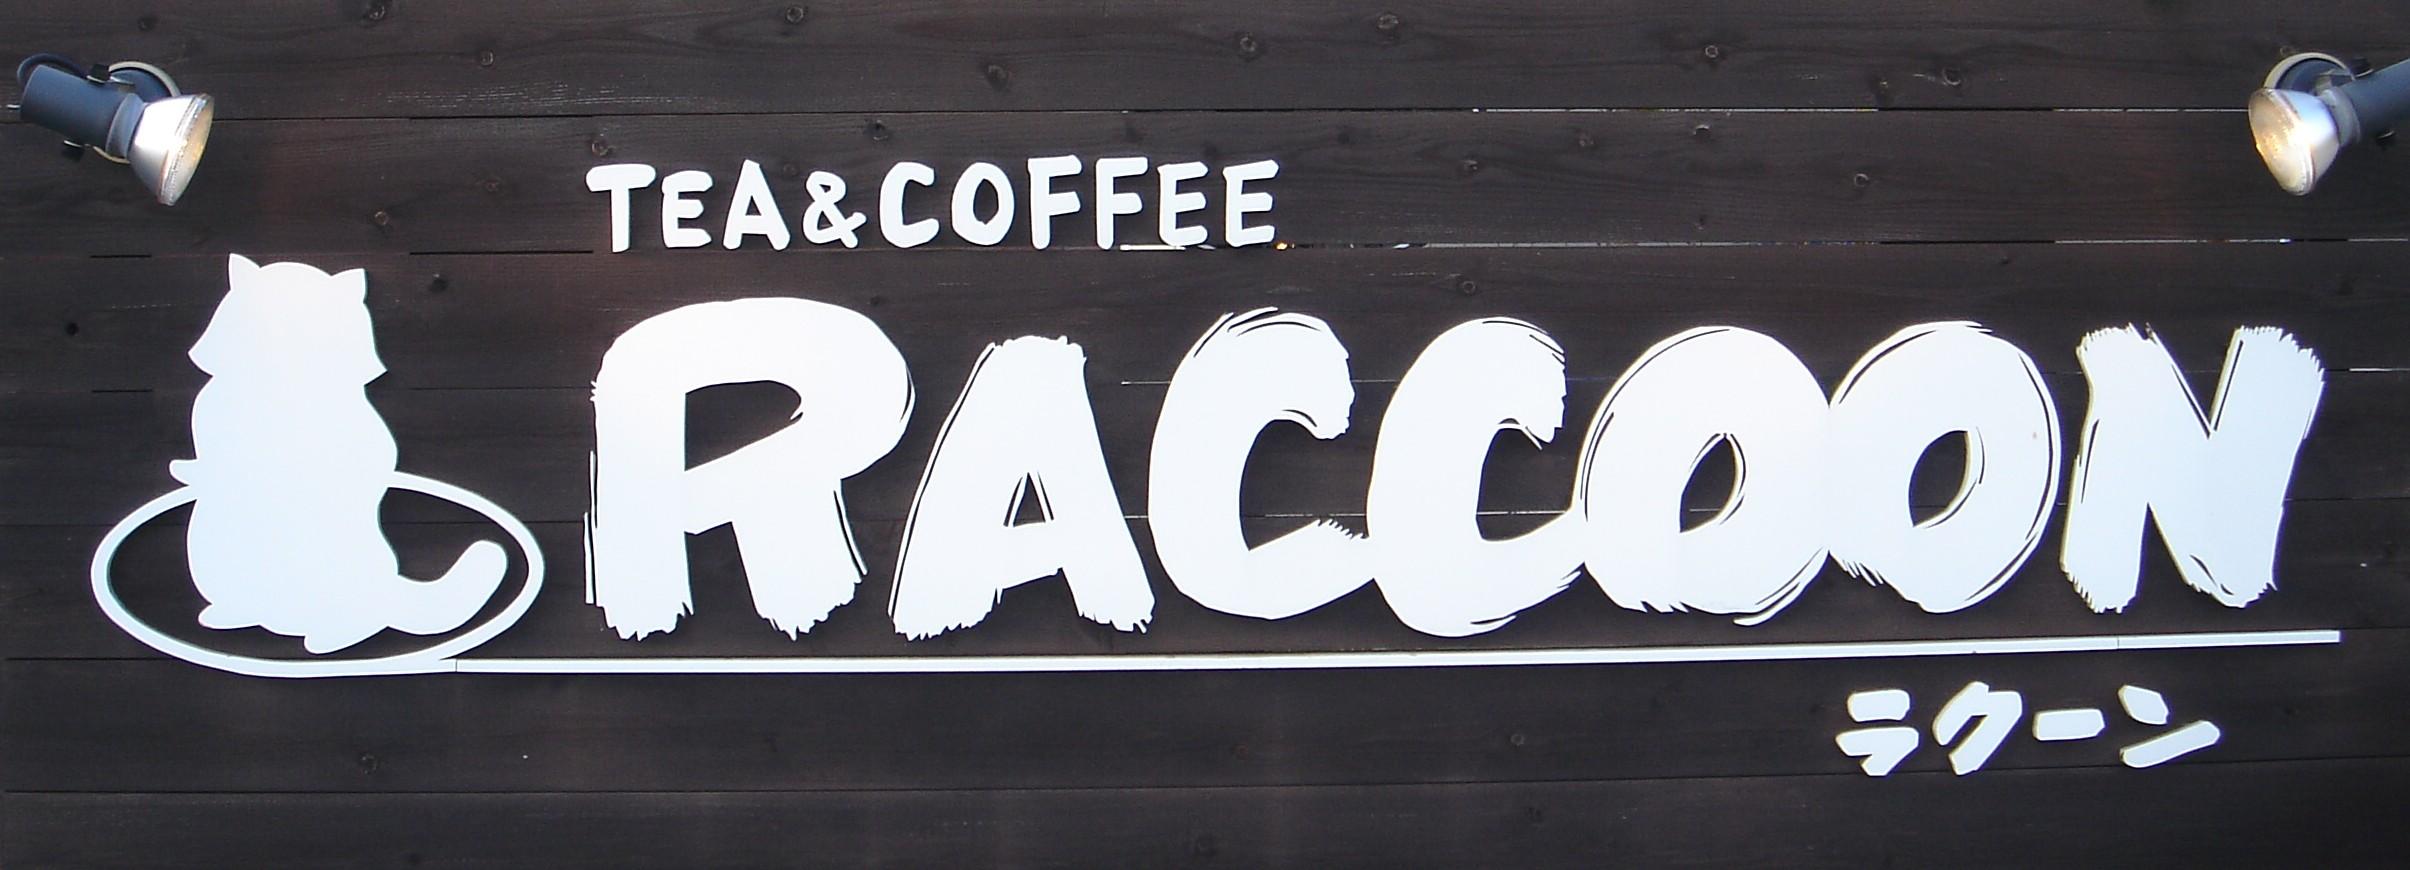 TEA&COFFEE RACCOON